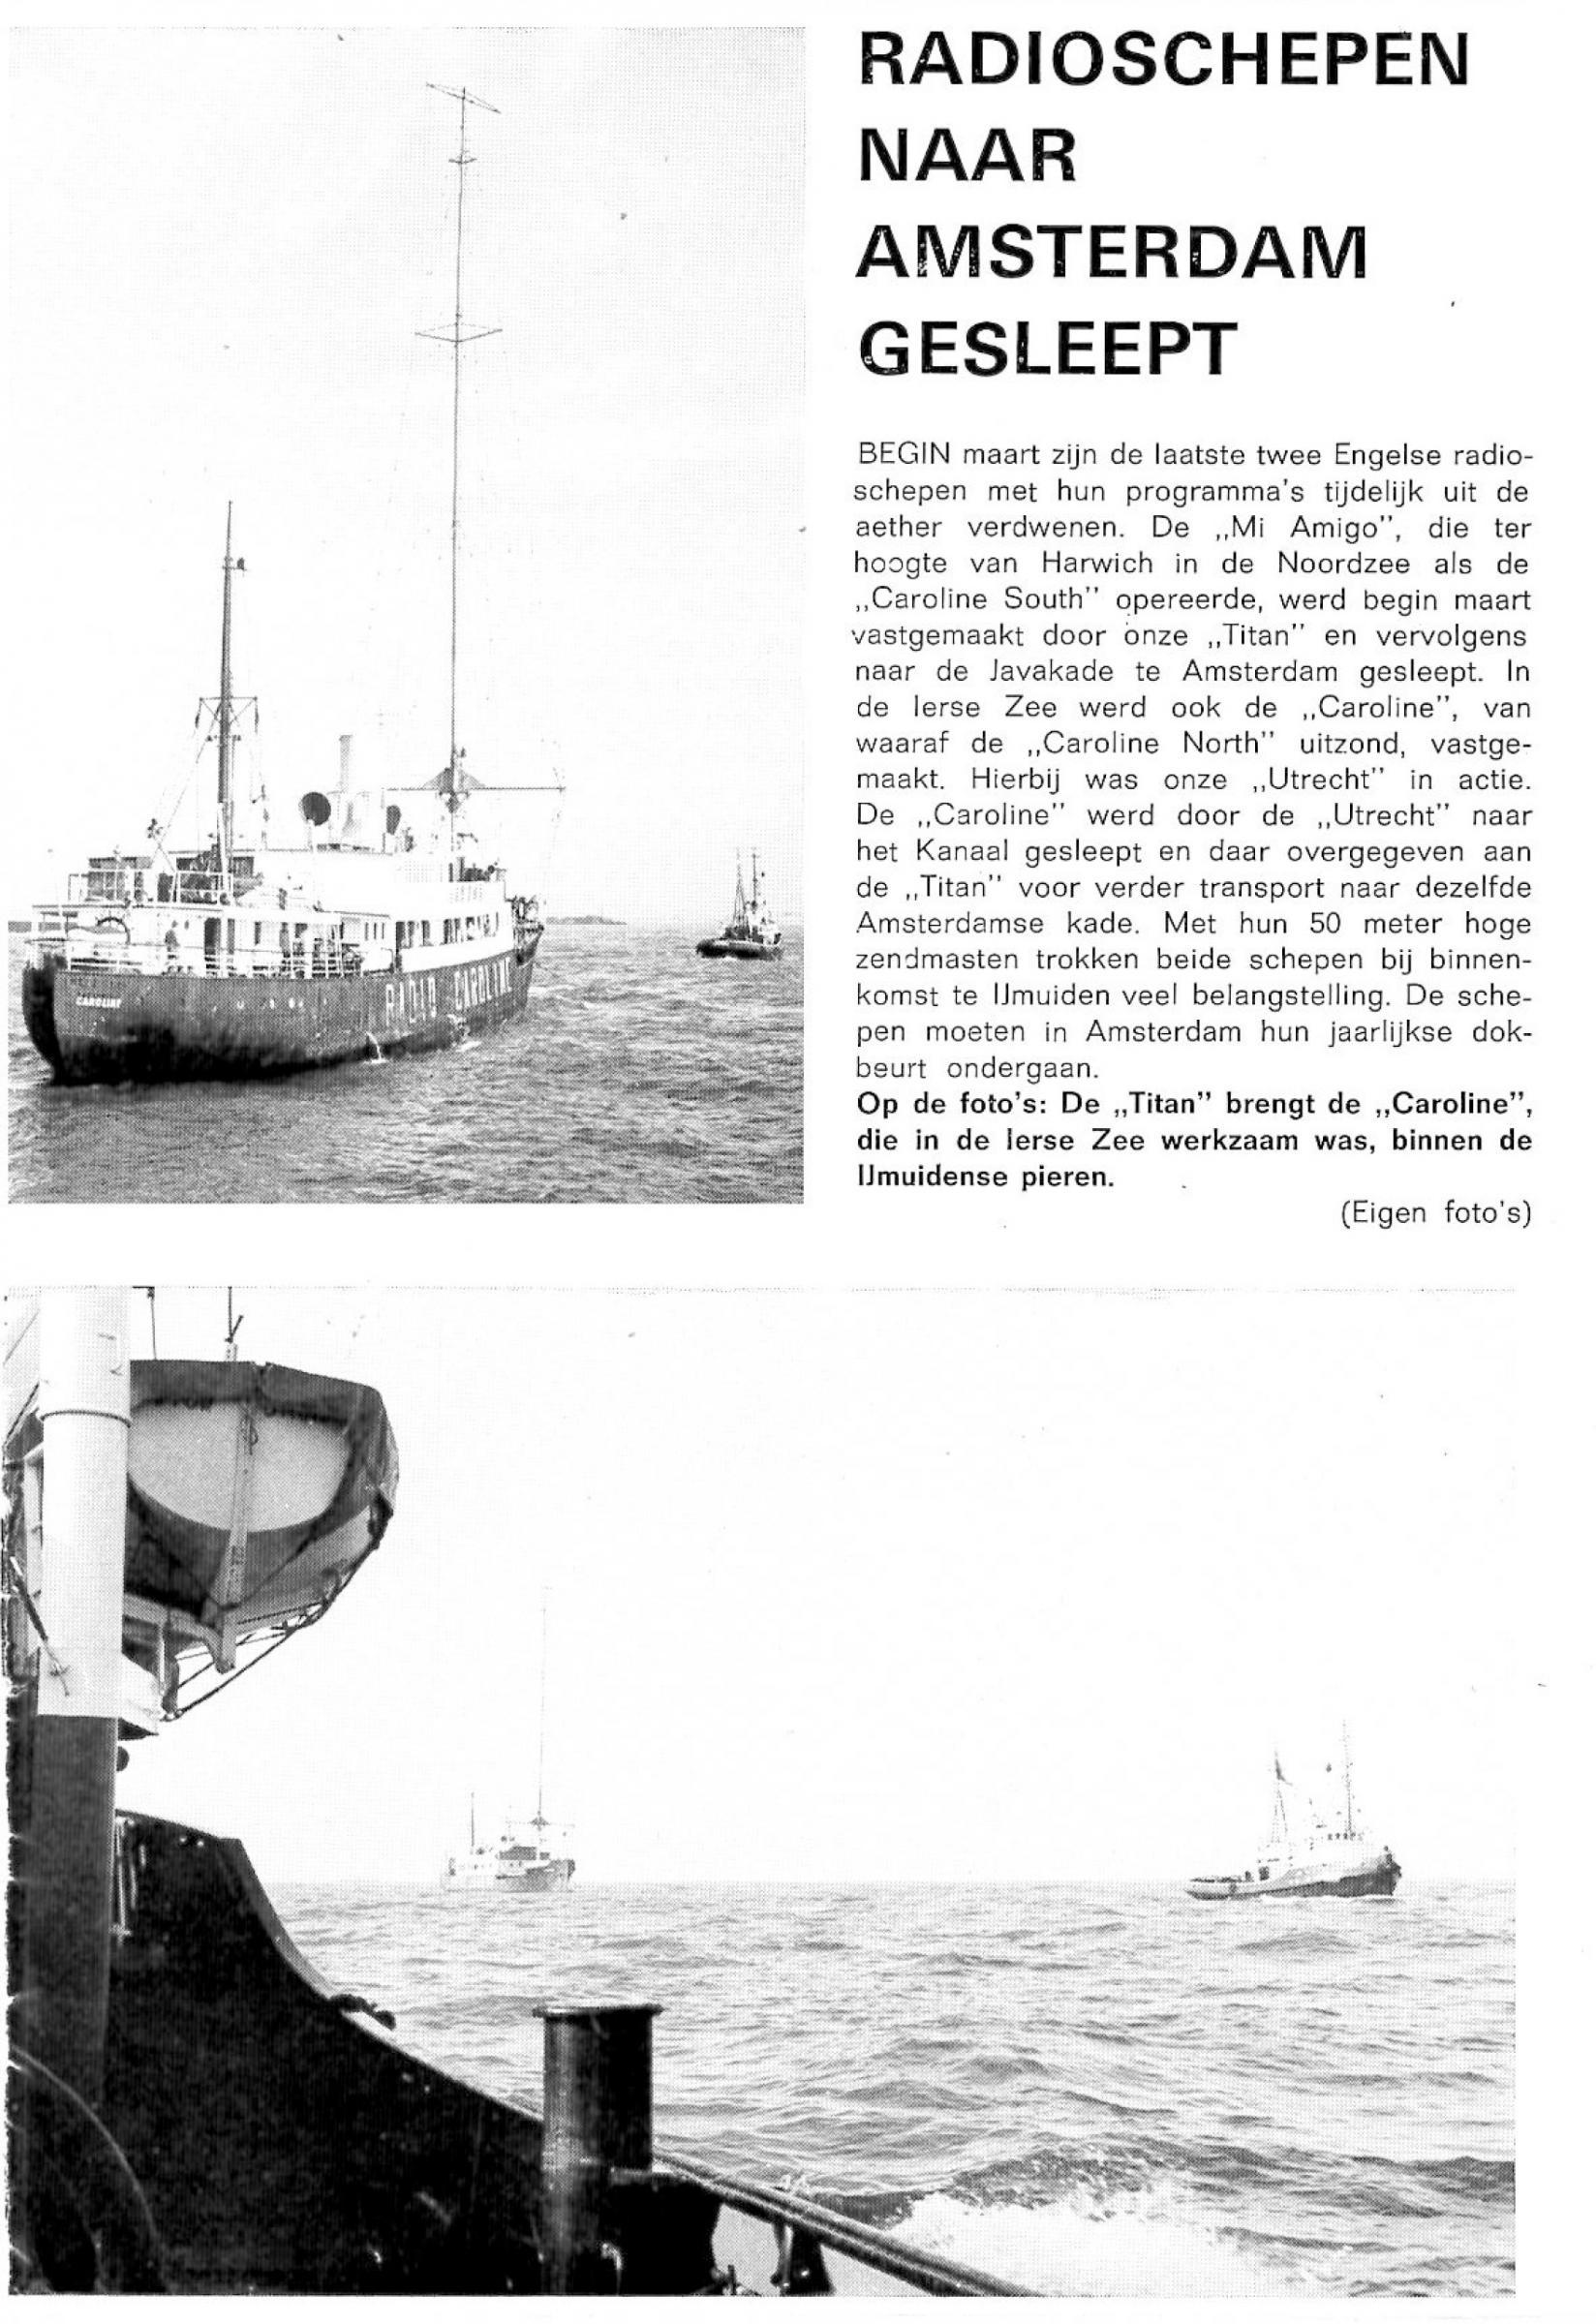 196803 Wijsmuller Caroline schepen naar Amsterdam.jpg